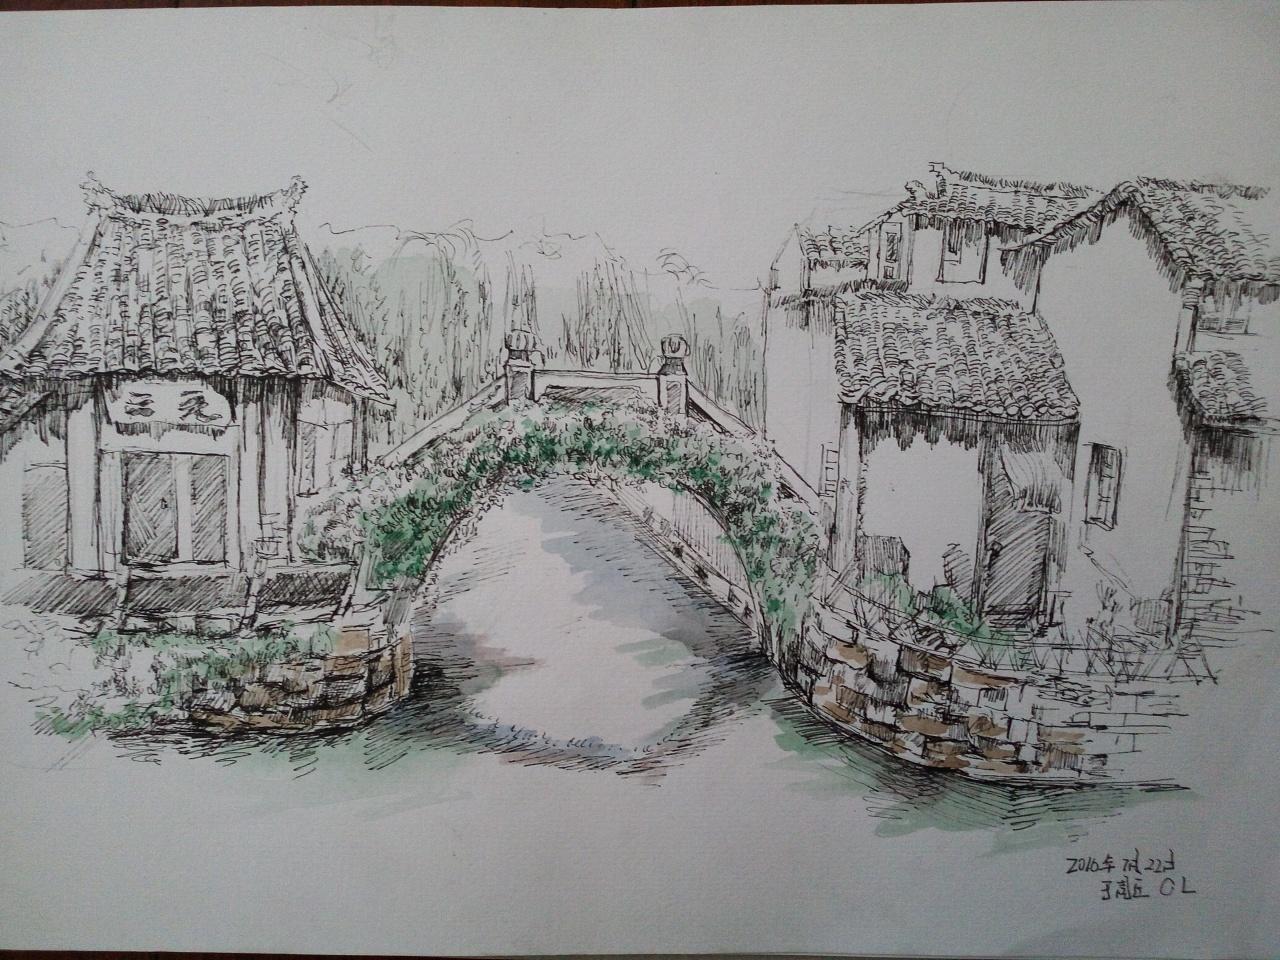 香港捕鱼钢笔手绘